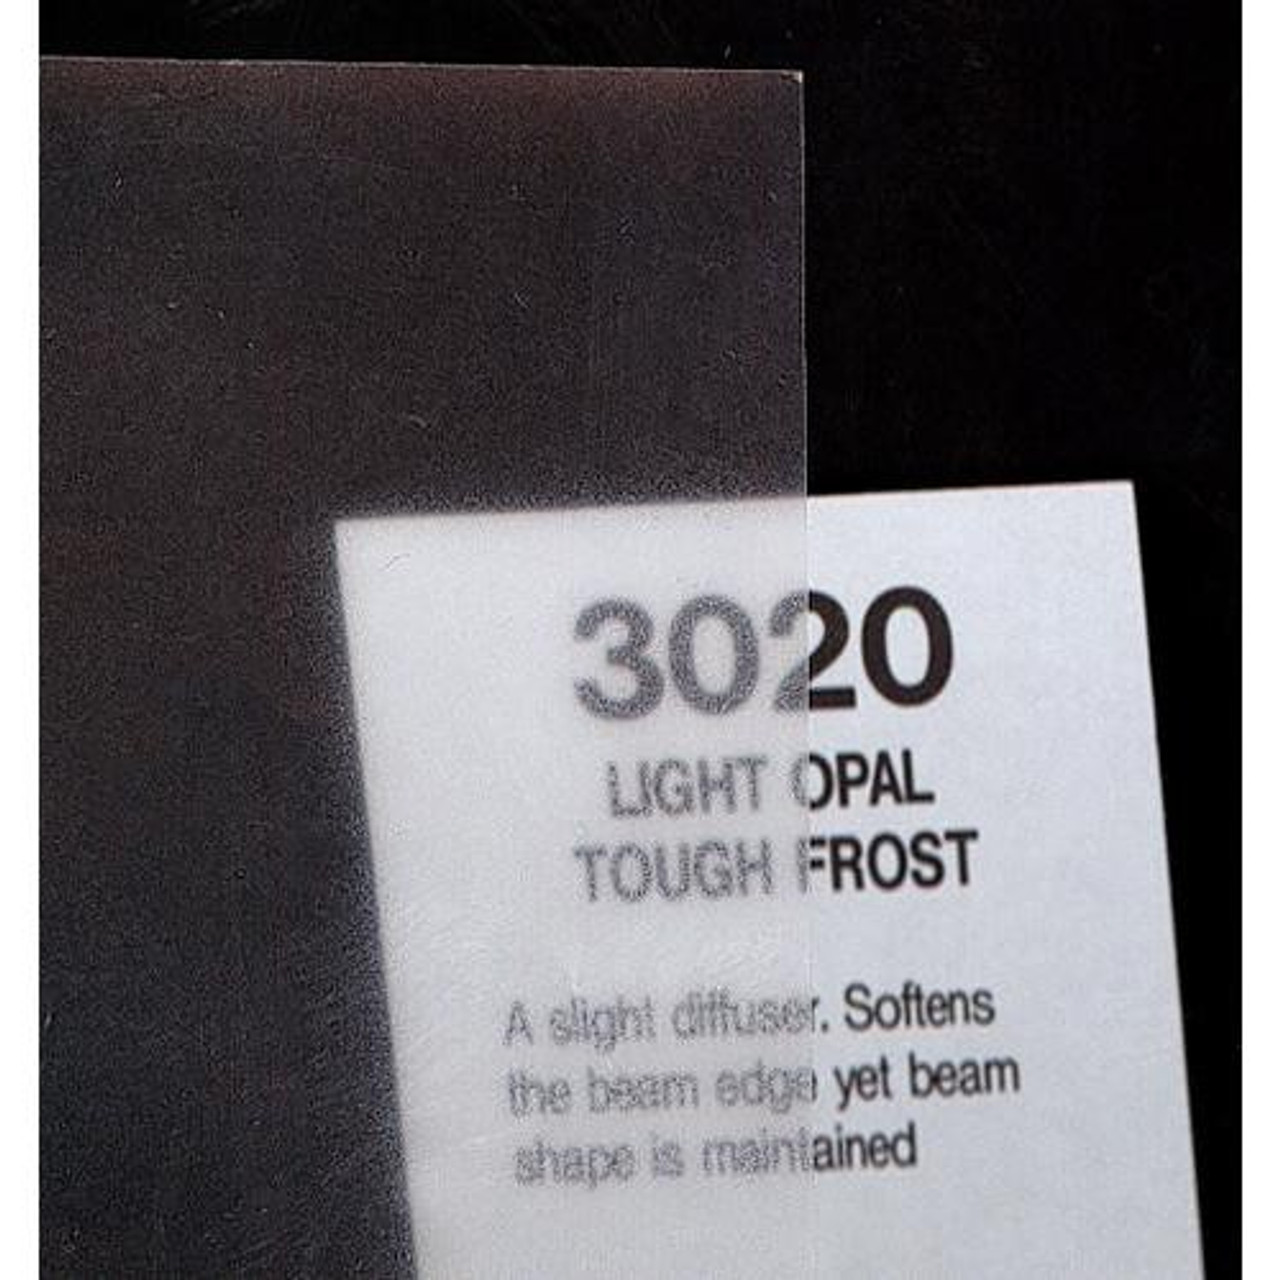 Rosco Cinegel #3020: Light Opal Tough Frost, Gels